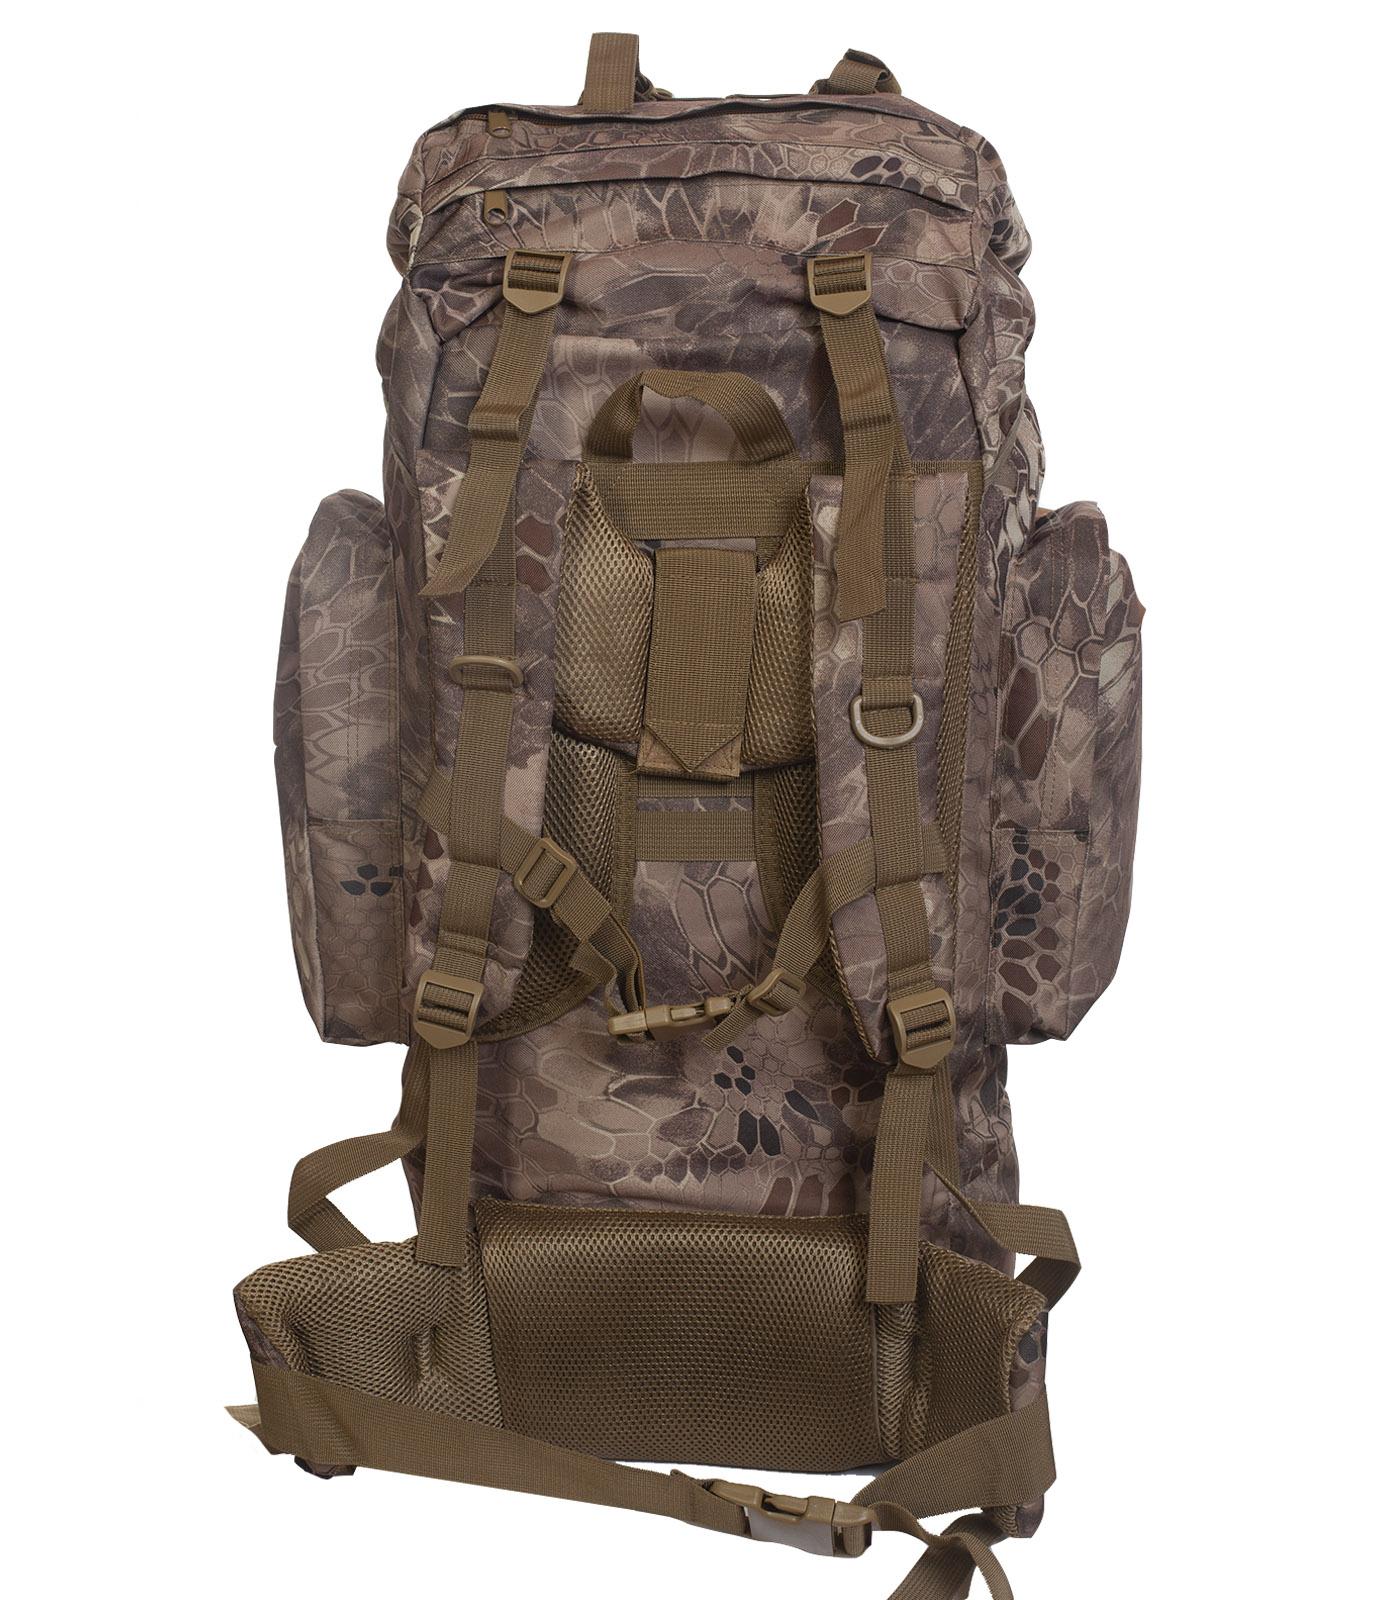 Тактический рюкзак для рыбалки камуфляжа Krуptek - оптом и в розницу